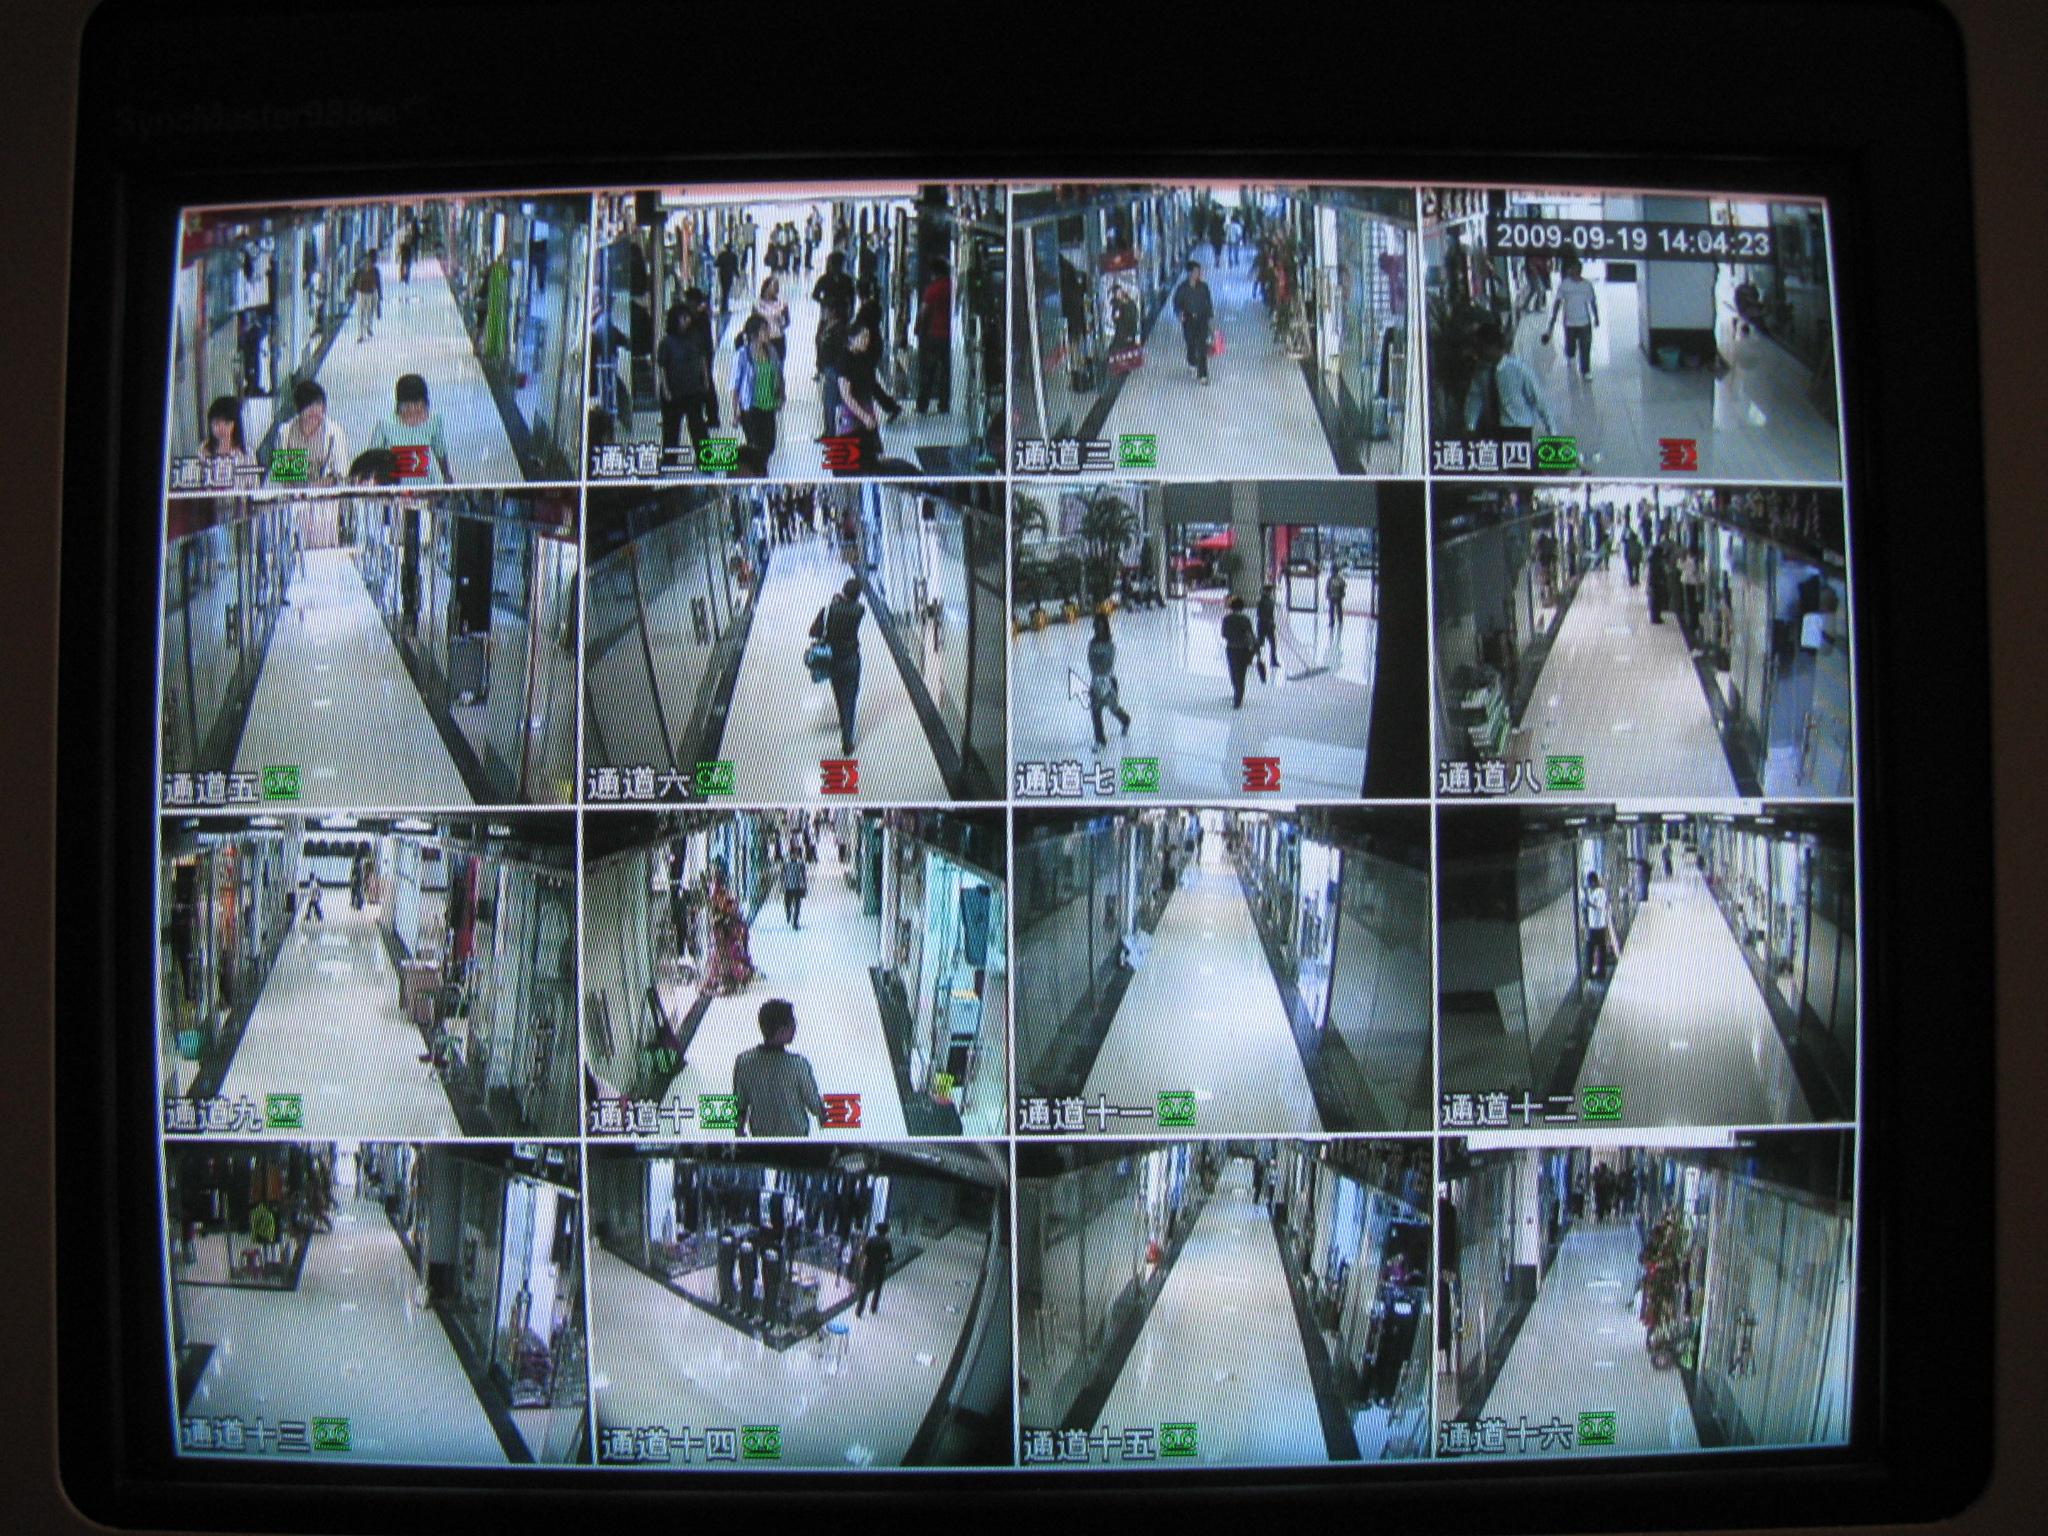 需要装监控摄像头3个,要购录像机(8路)和线还需要什配件(有电脑),问